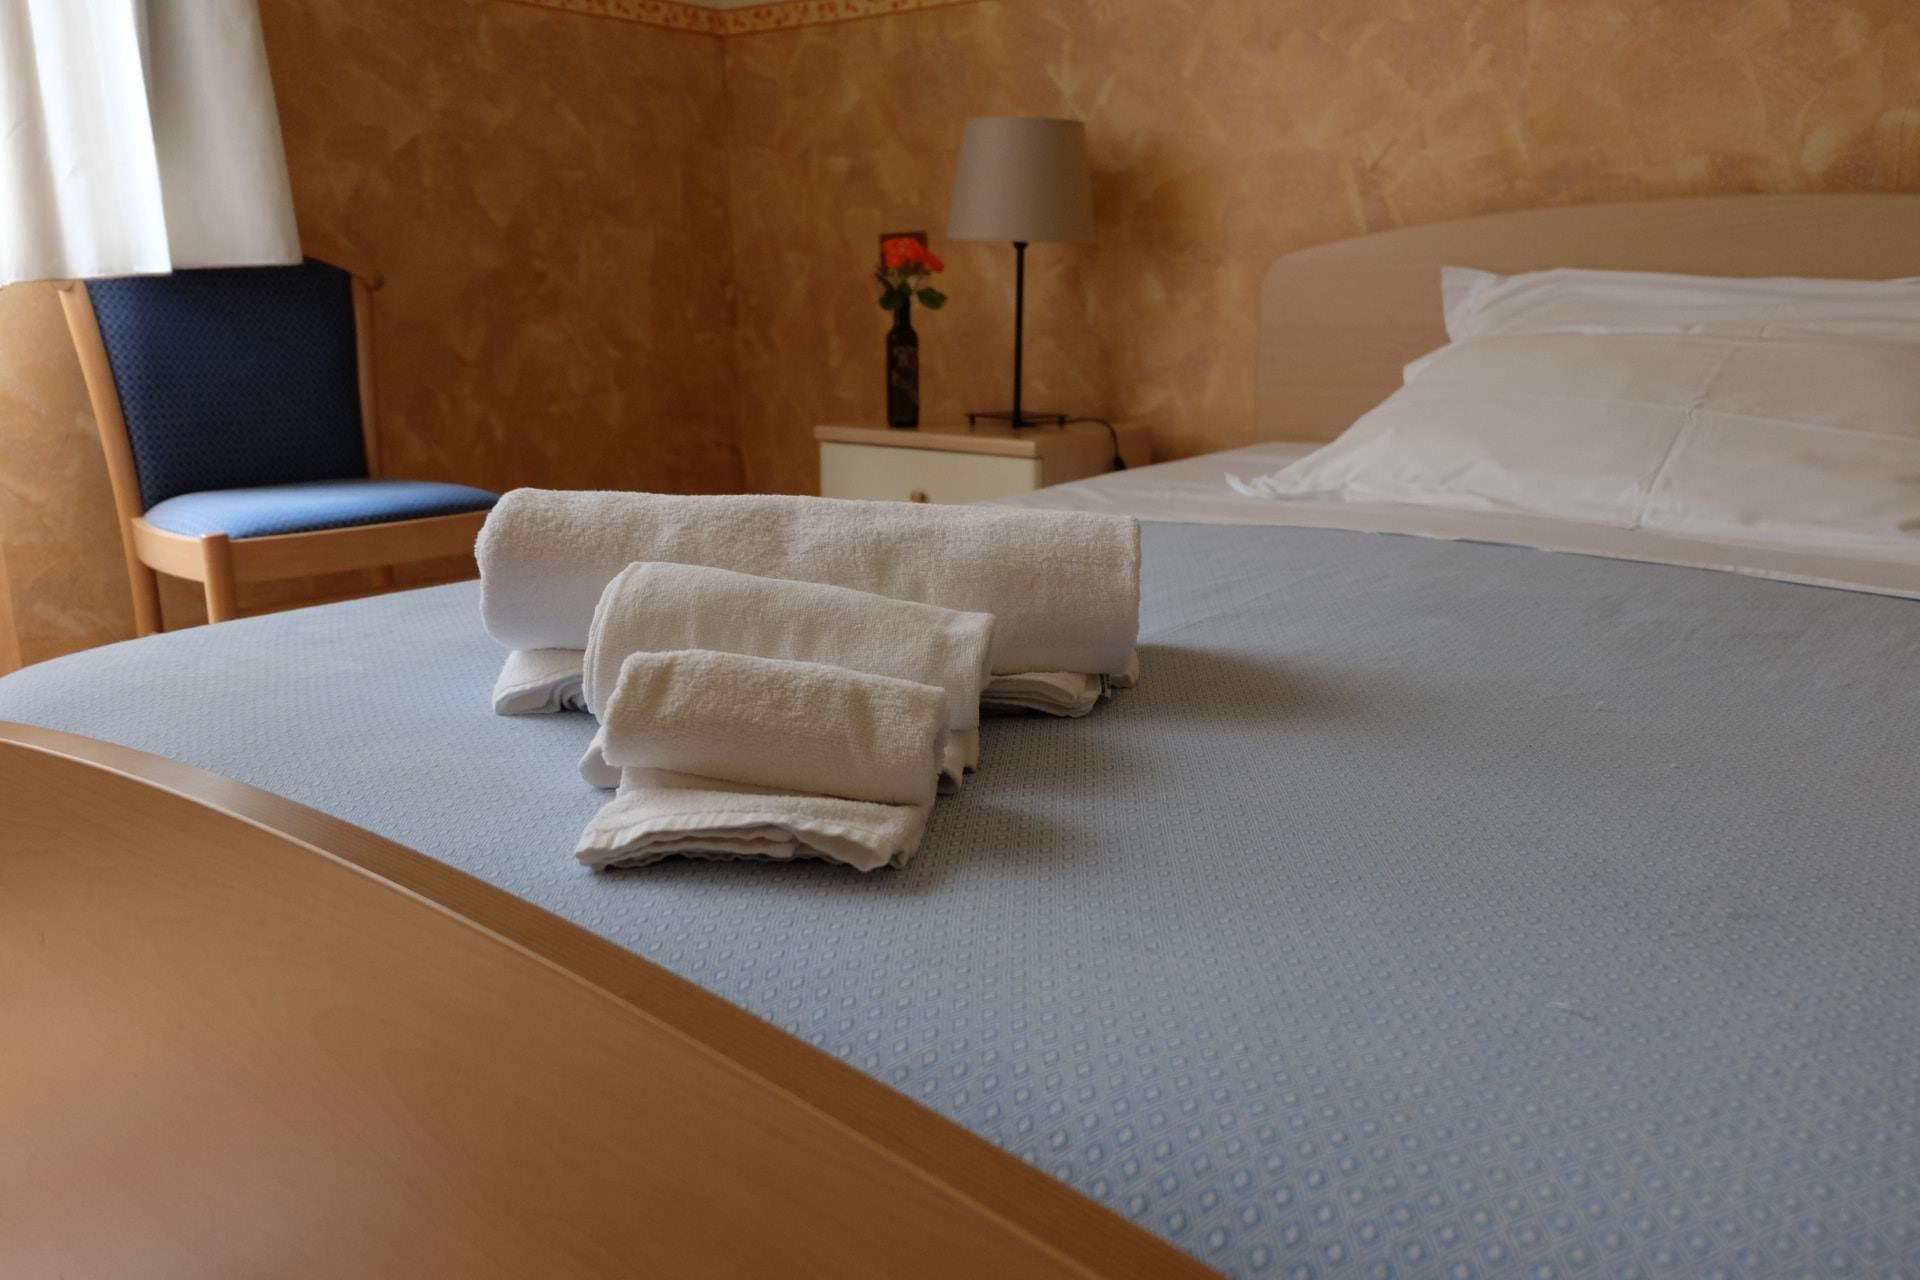 galleria foto camere hostel il tetto melfi ostello dormire soggiorno vacanze basilicata7